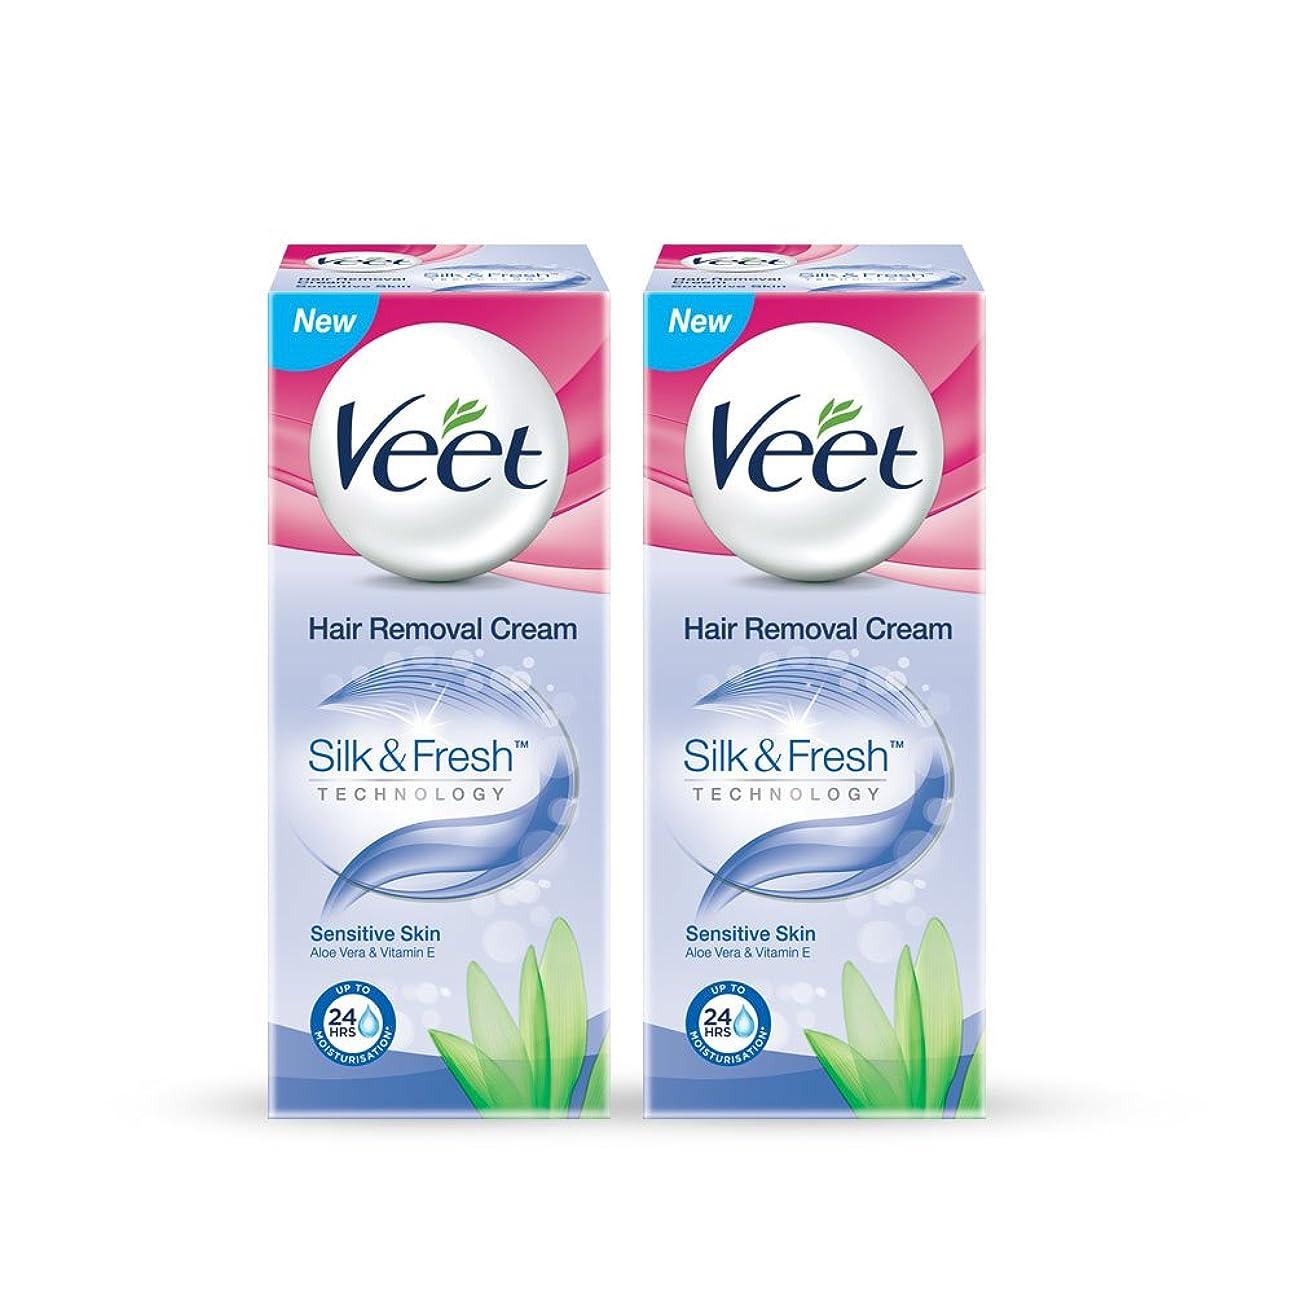 好奇心盛フェードアウト骨折Veet Hair Removal Gel Cream For Sensitive Skin With Aloe Vera and Vitamin E 25 g (Pack of 2)